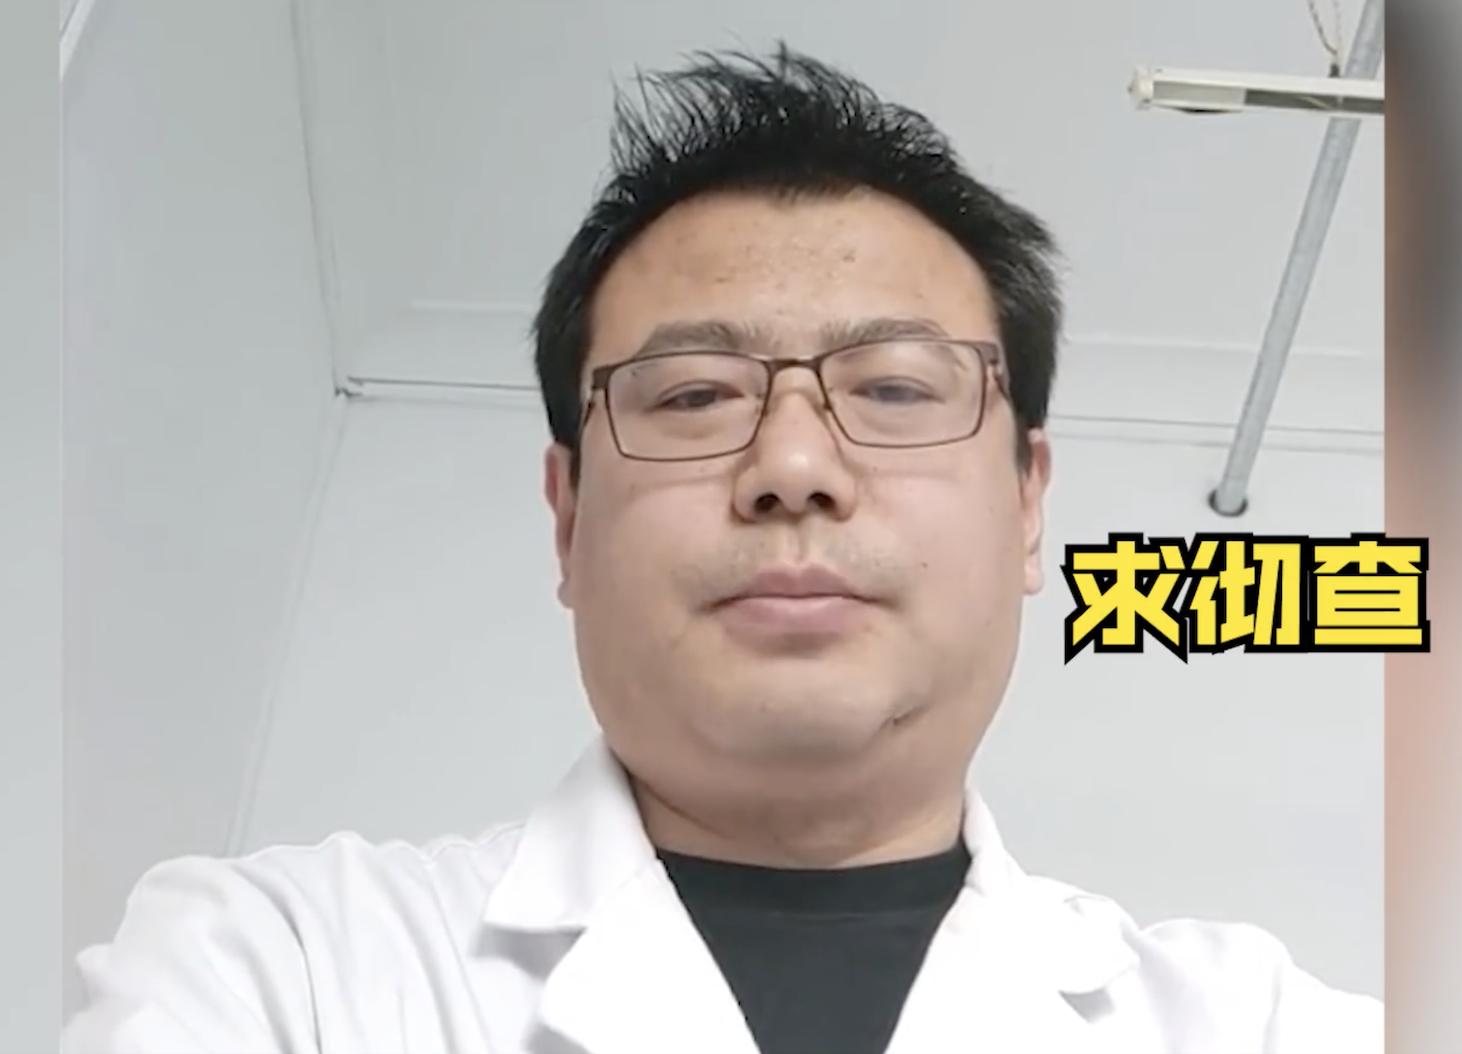 山西省某三甲醫院的一名醫生自曝收受巨額回扣,懇請被徹查。(影片截圖)